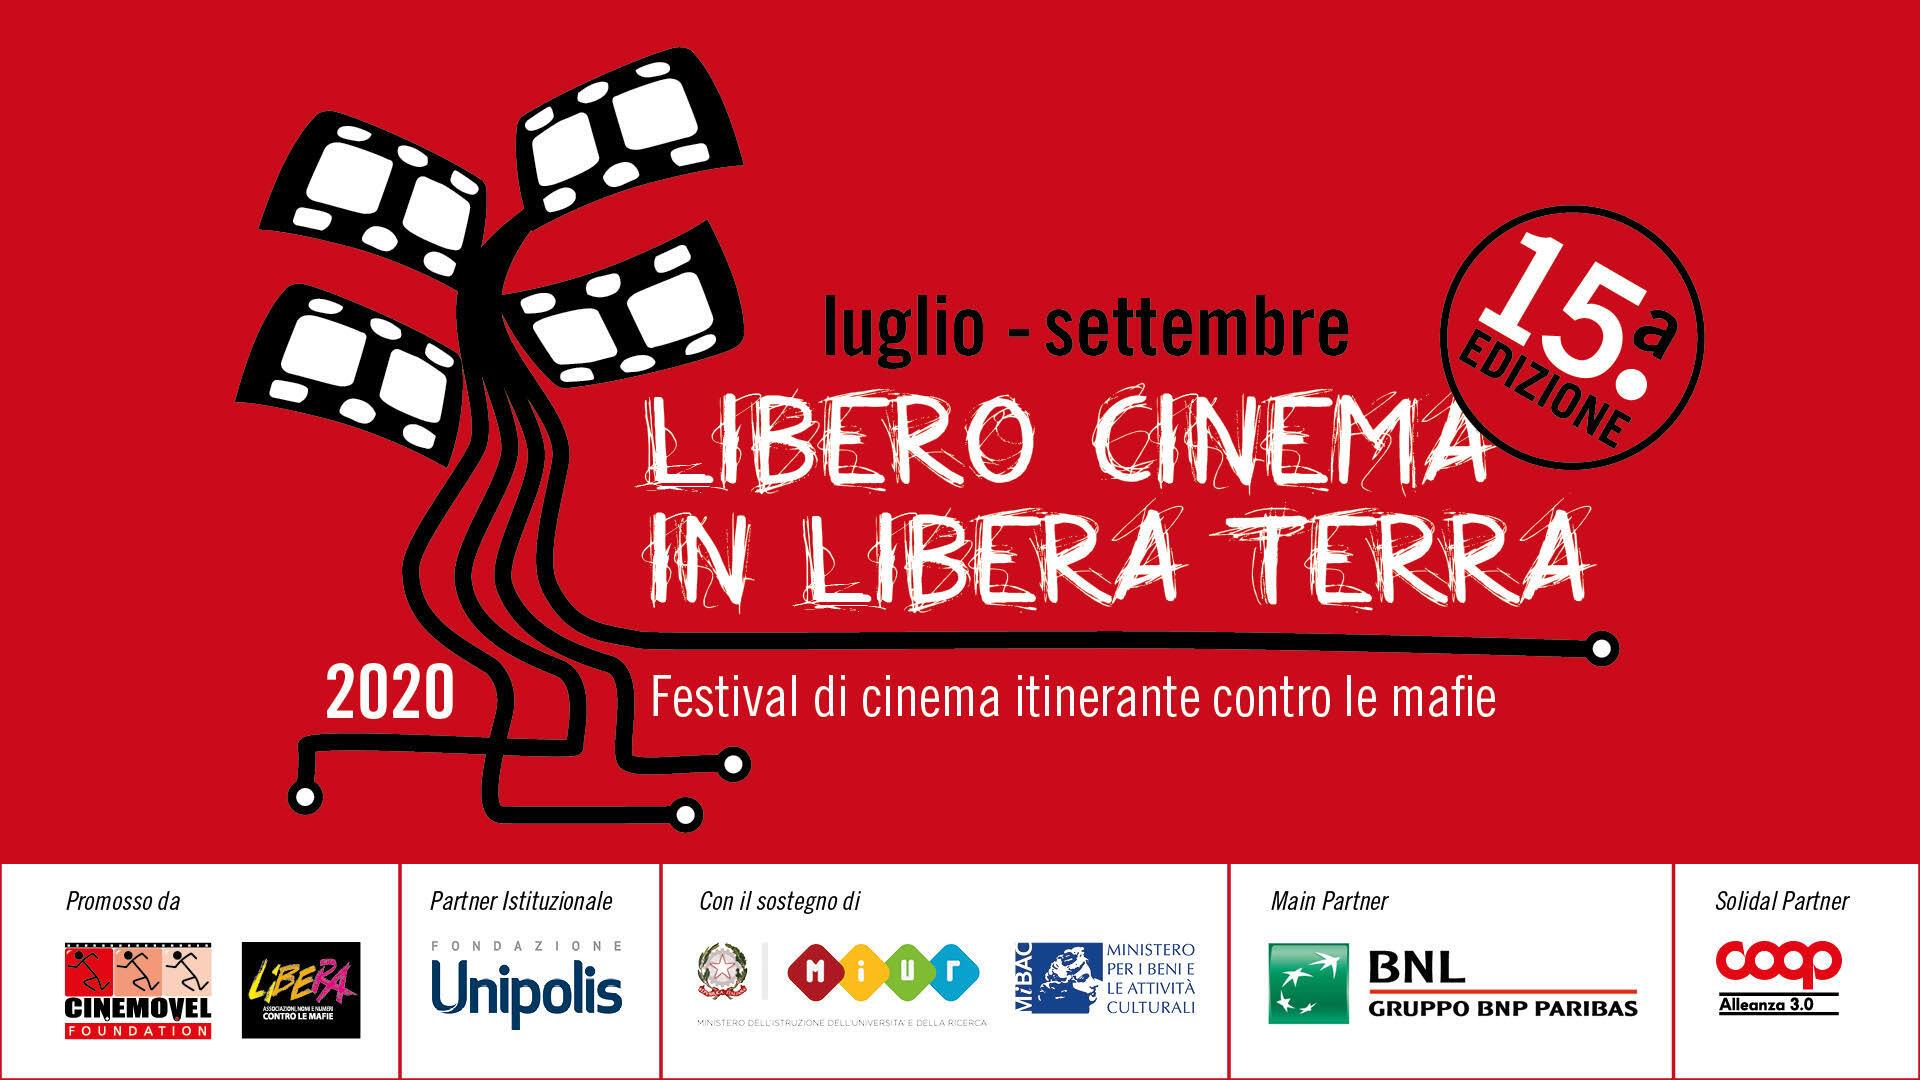 LIBERO CINEMA IN LIBERA TERRA 2020. Ultime due tappe, in Calabria e Sicilia, per la 15° edizione del festival di cinema itinerante